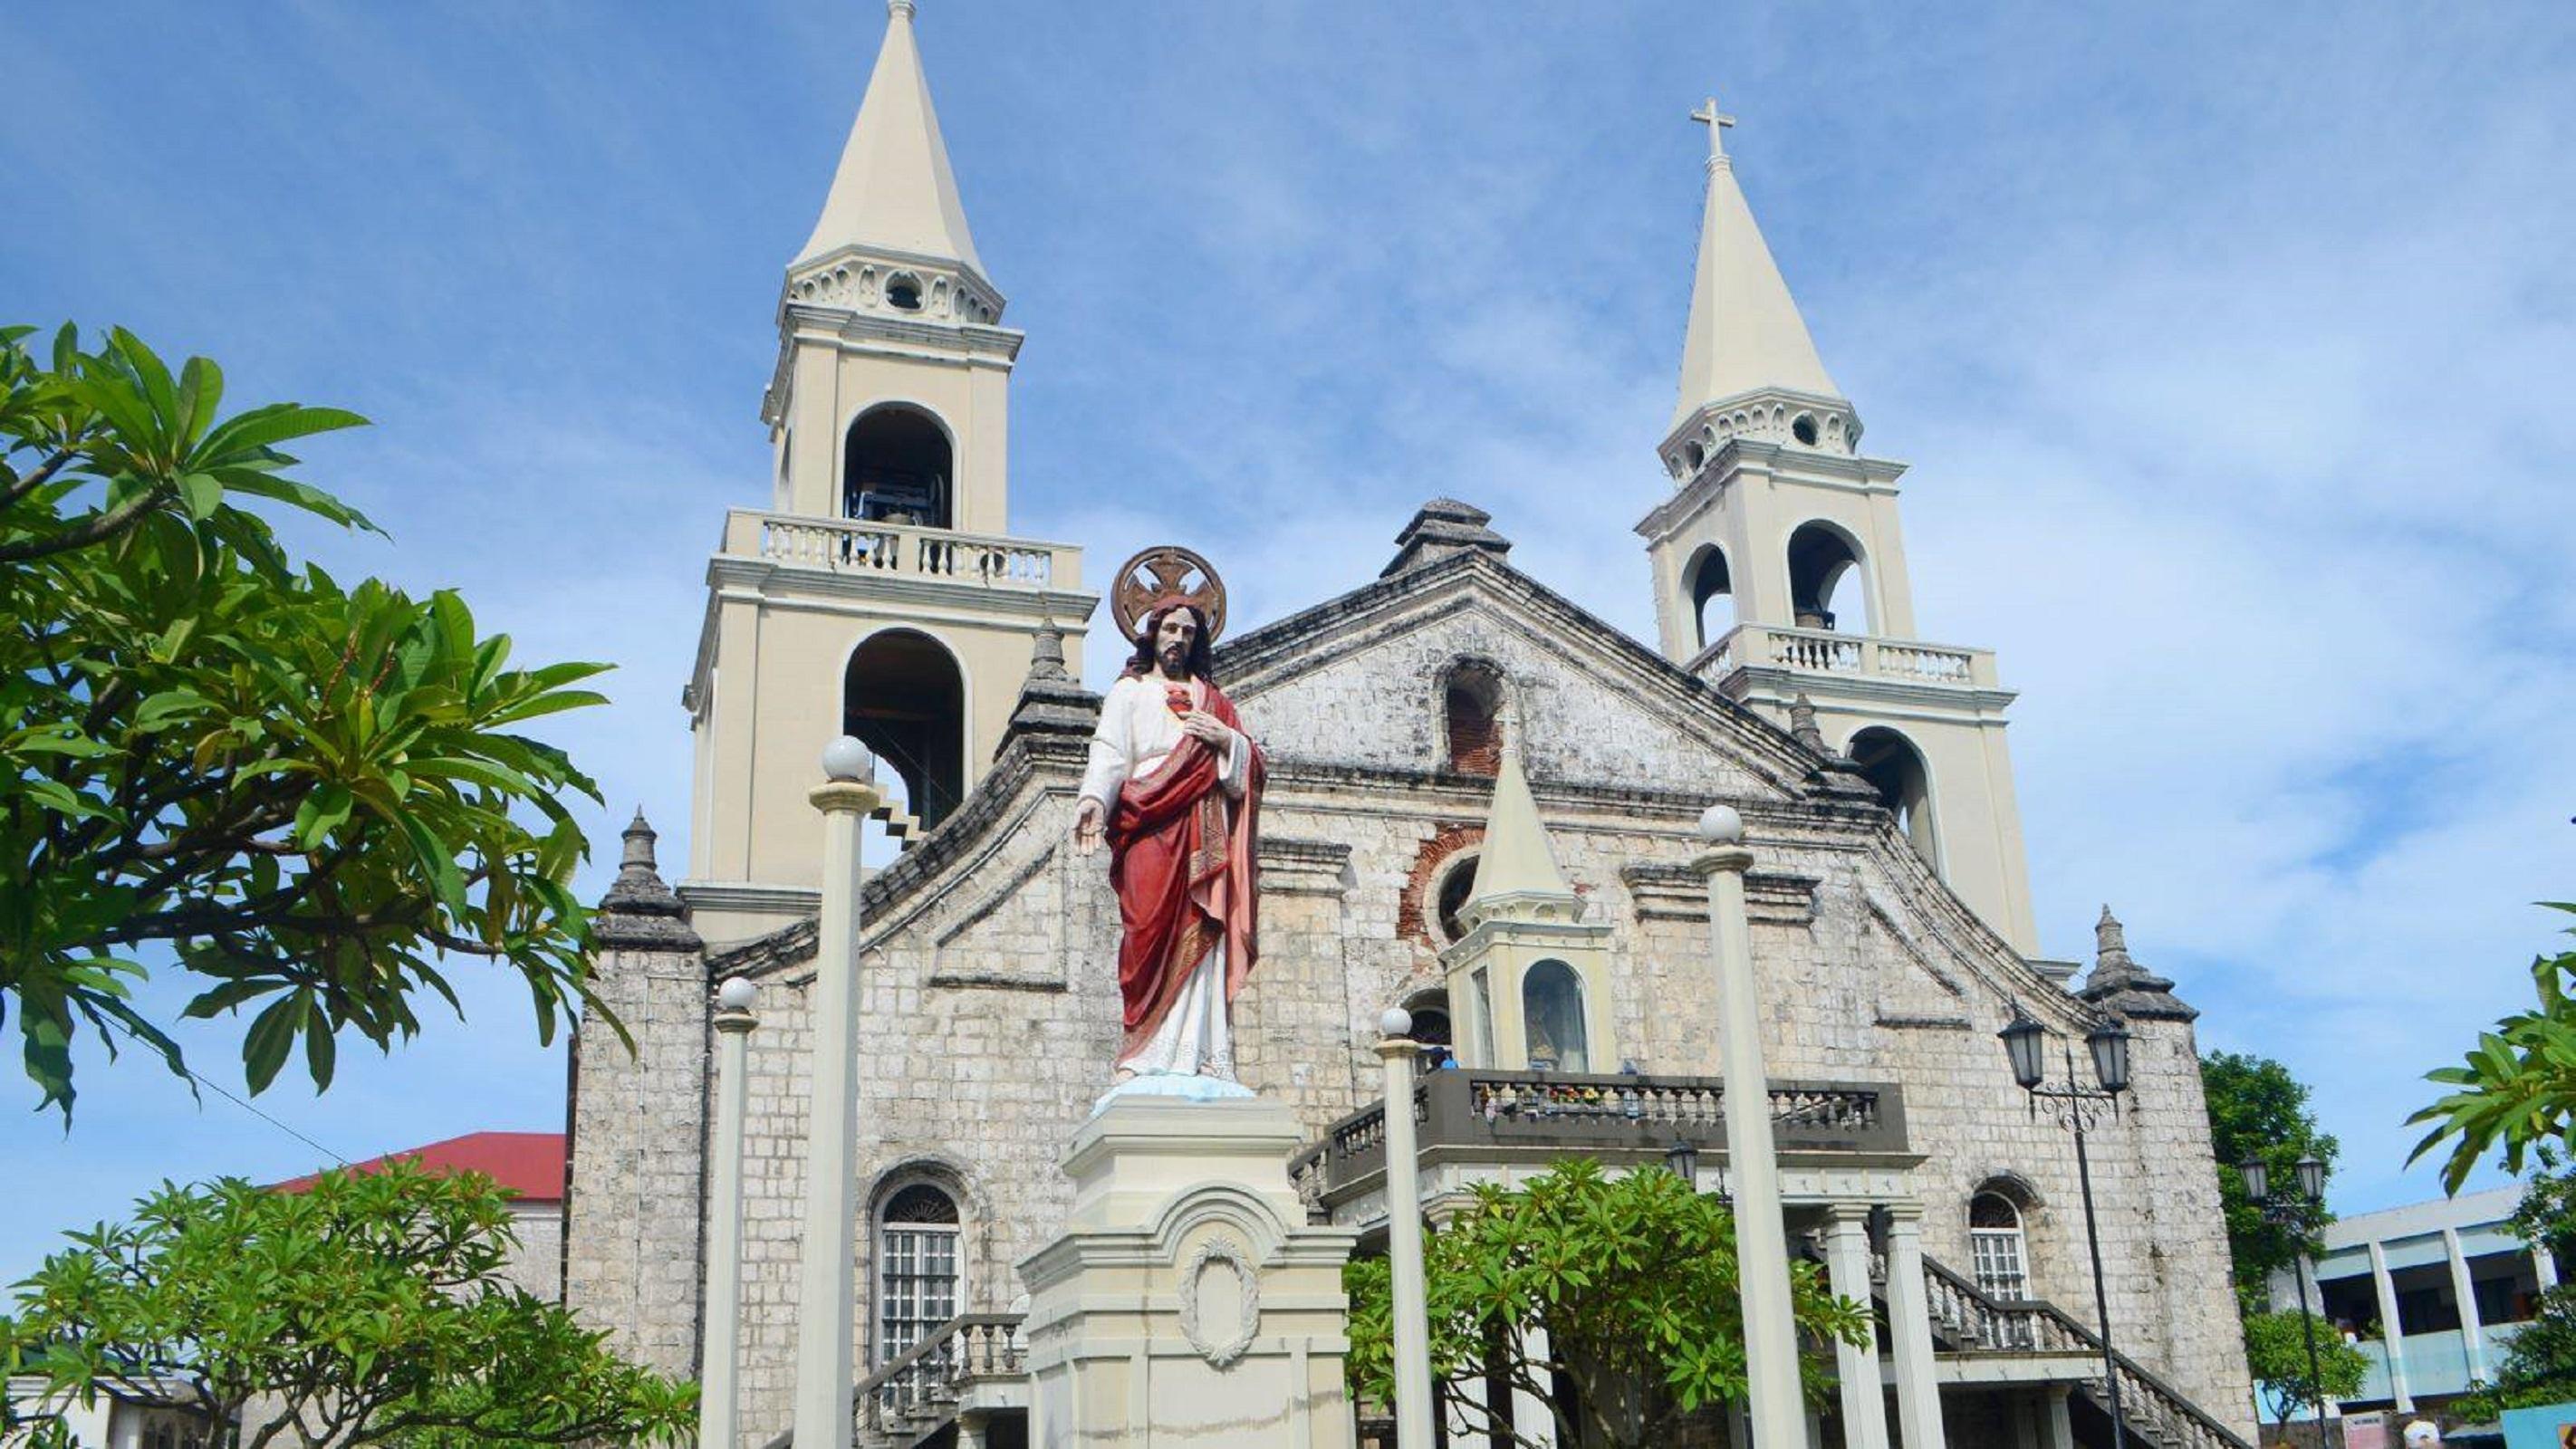 Jaro Cathedral in Iloilo